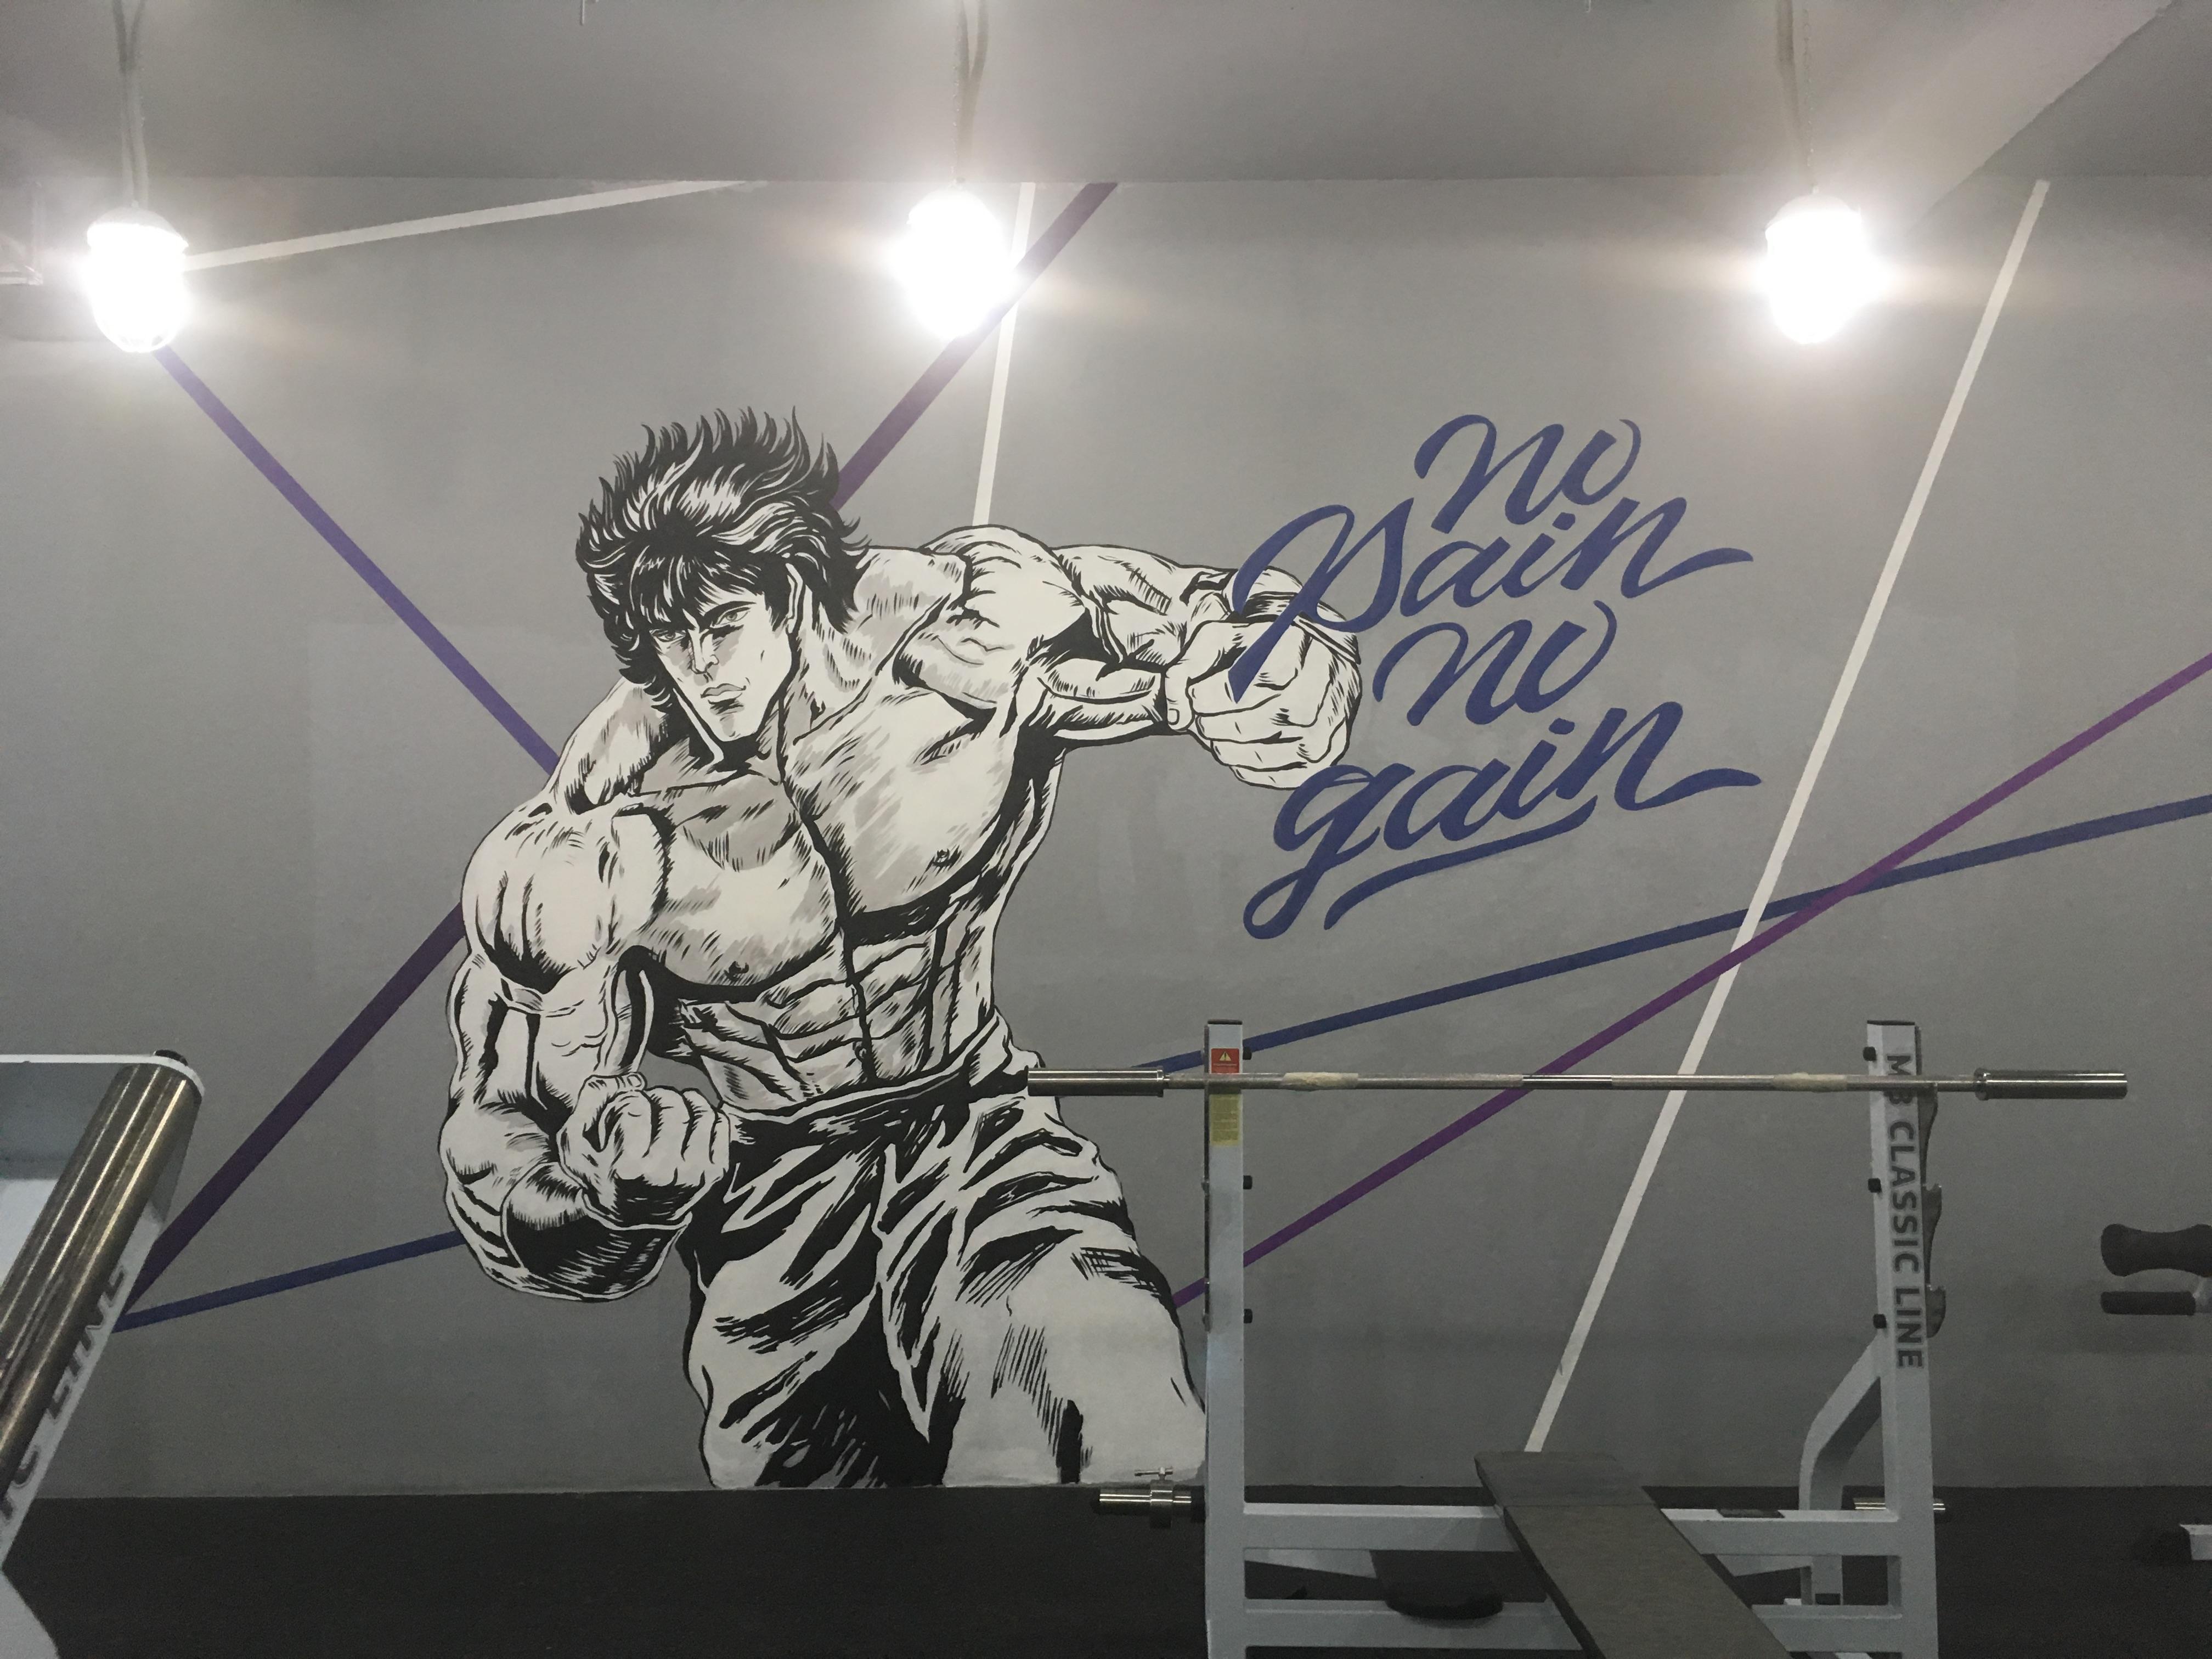 роспись спортзала в стиле аниме - силуэты спортсменов атлетов